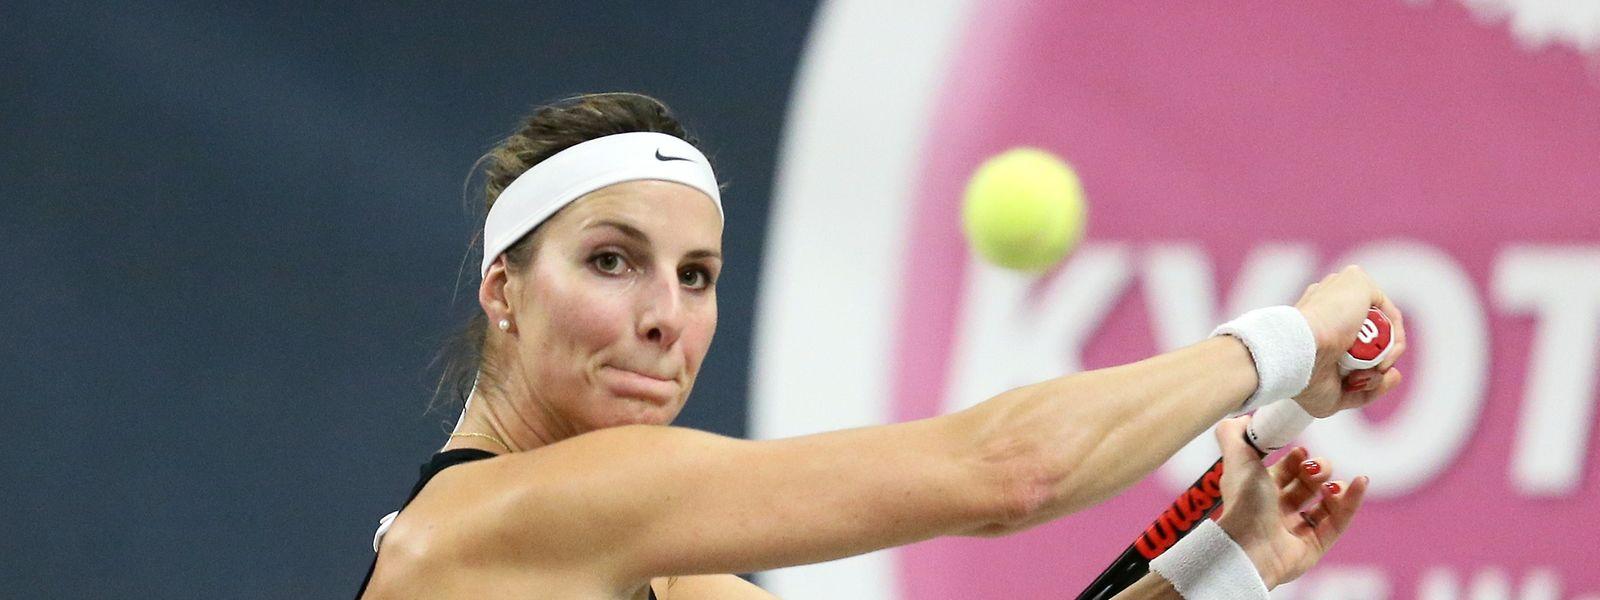 Mandy Minella ist die luxemburgische Nummer eins des Fed-Cup-Teams.